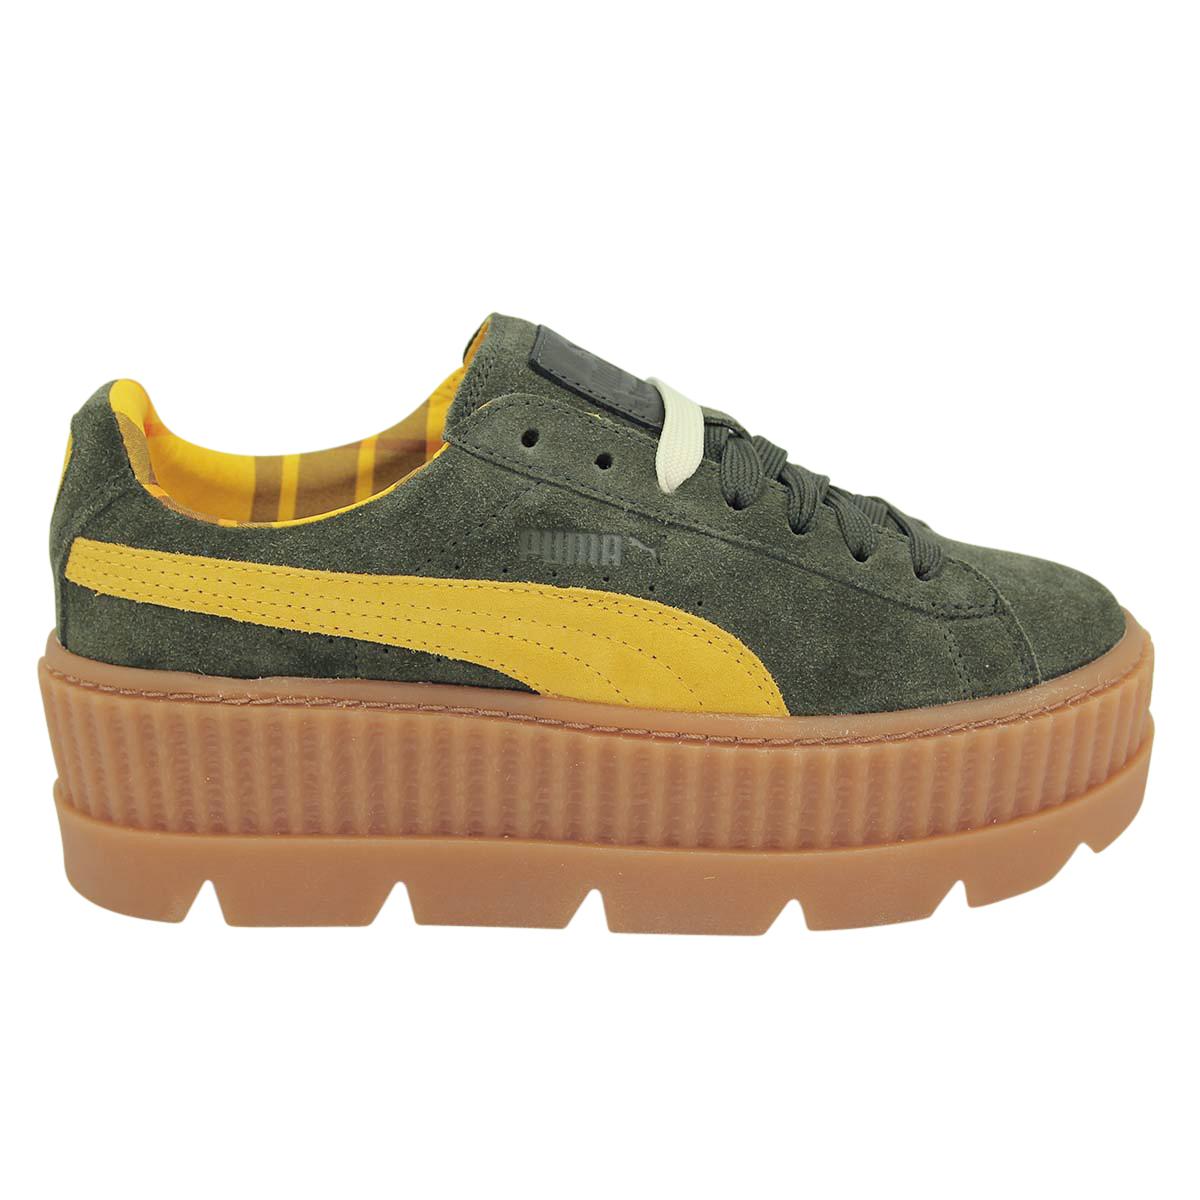 new concept ca144 33167 Details zu PUMA FENTY CLEATED CREEPER SUEDE Damen Sneakers Schuhe Neu